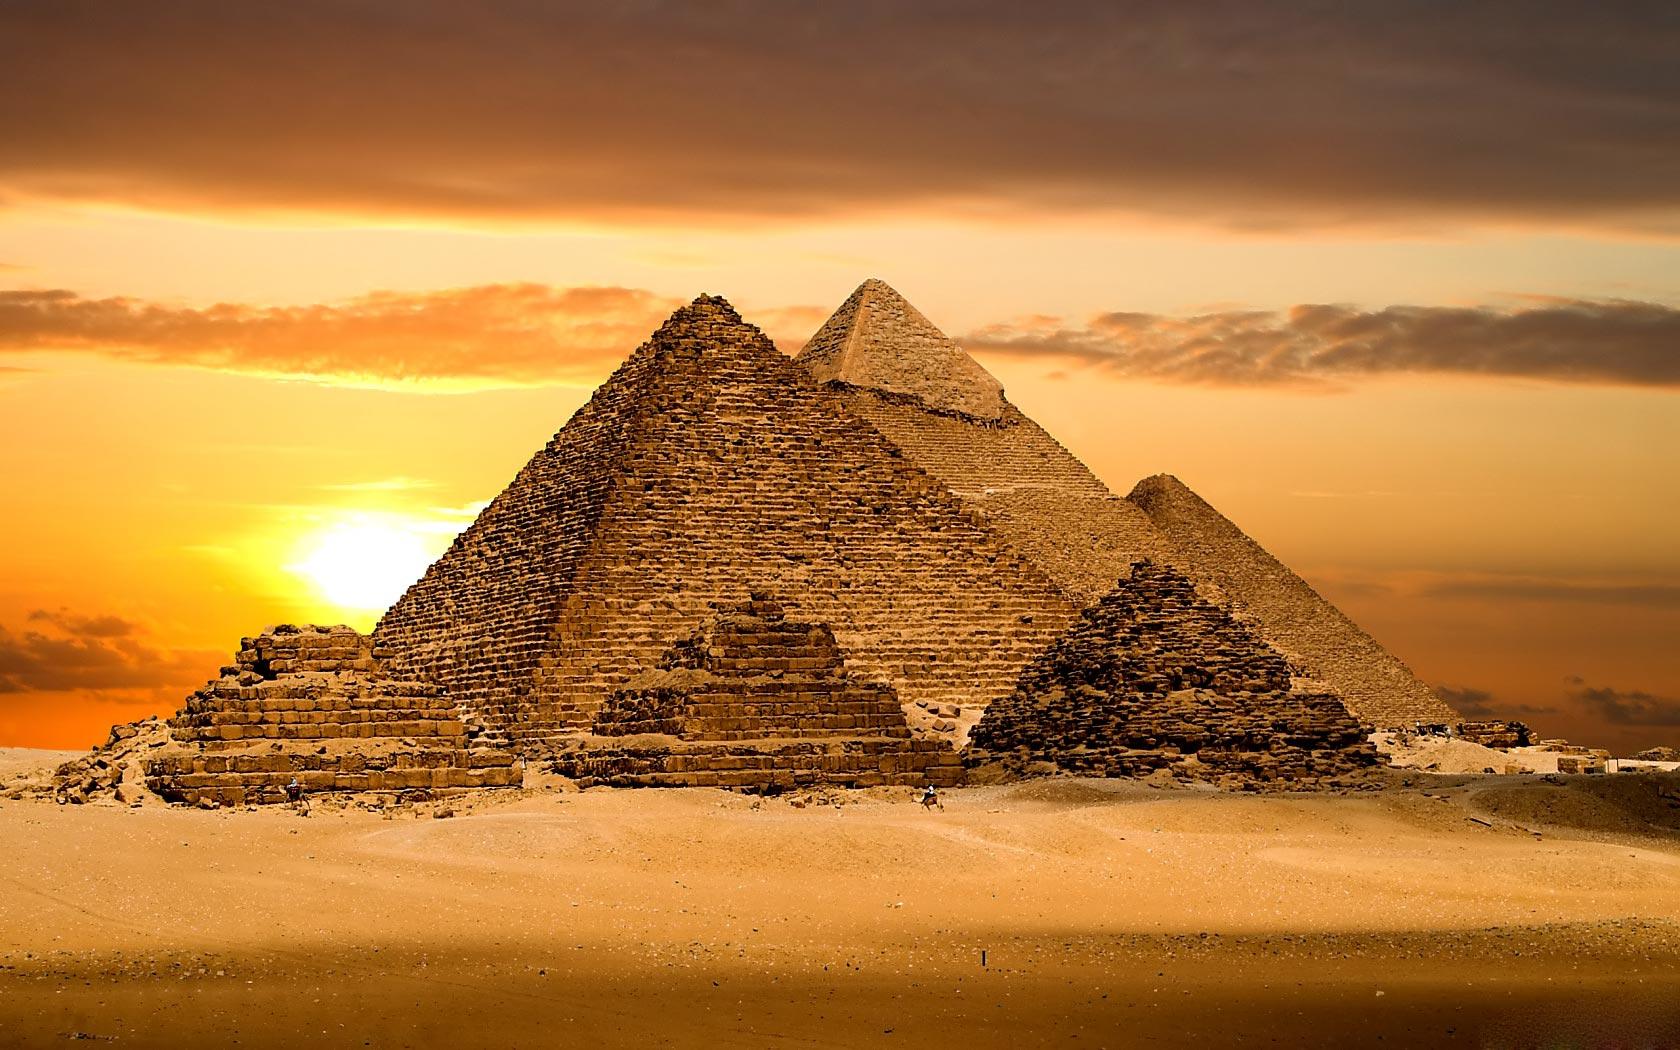 ... Египта остаются всемирно известные: virtune.ru/egipet-na-karte-mira